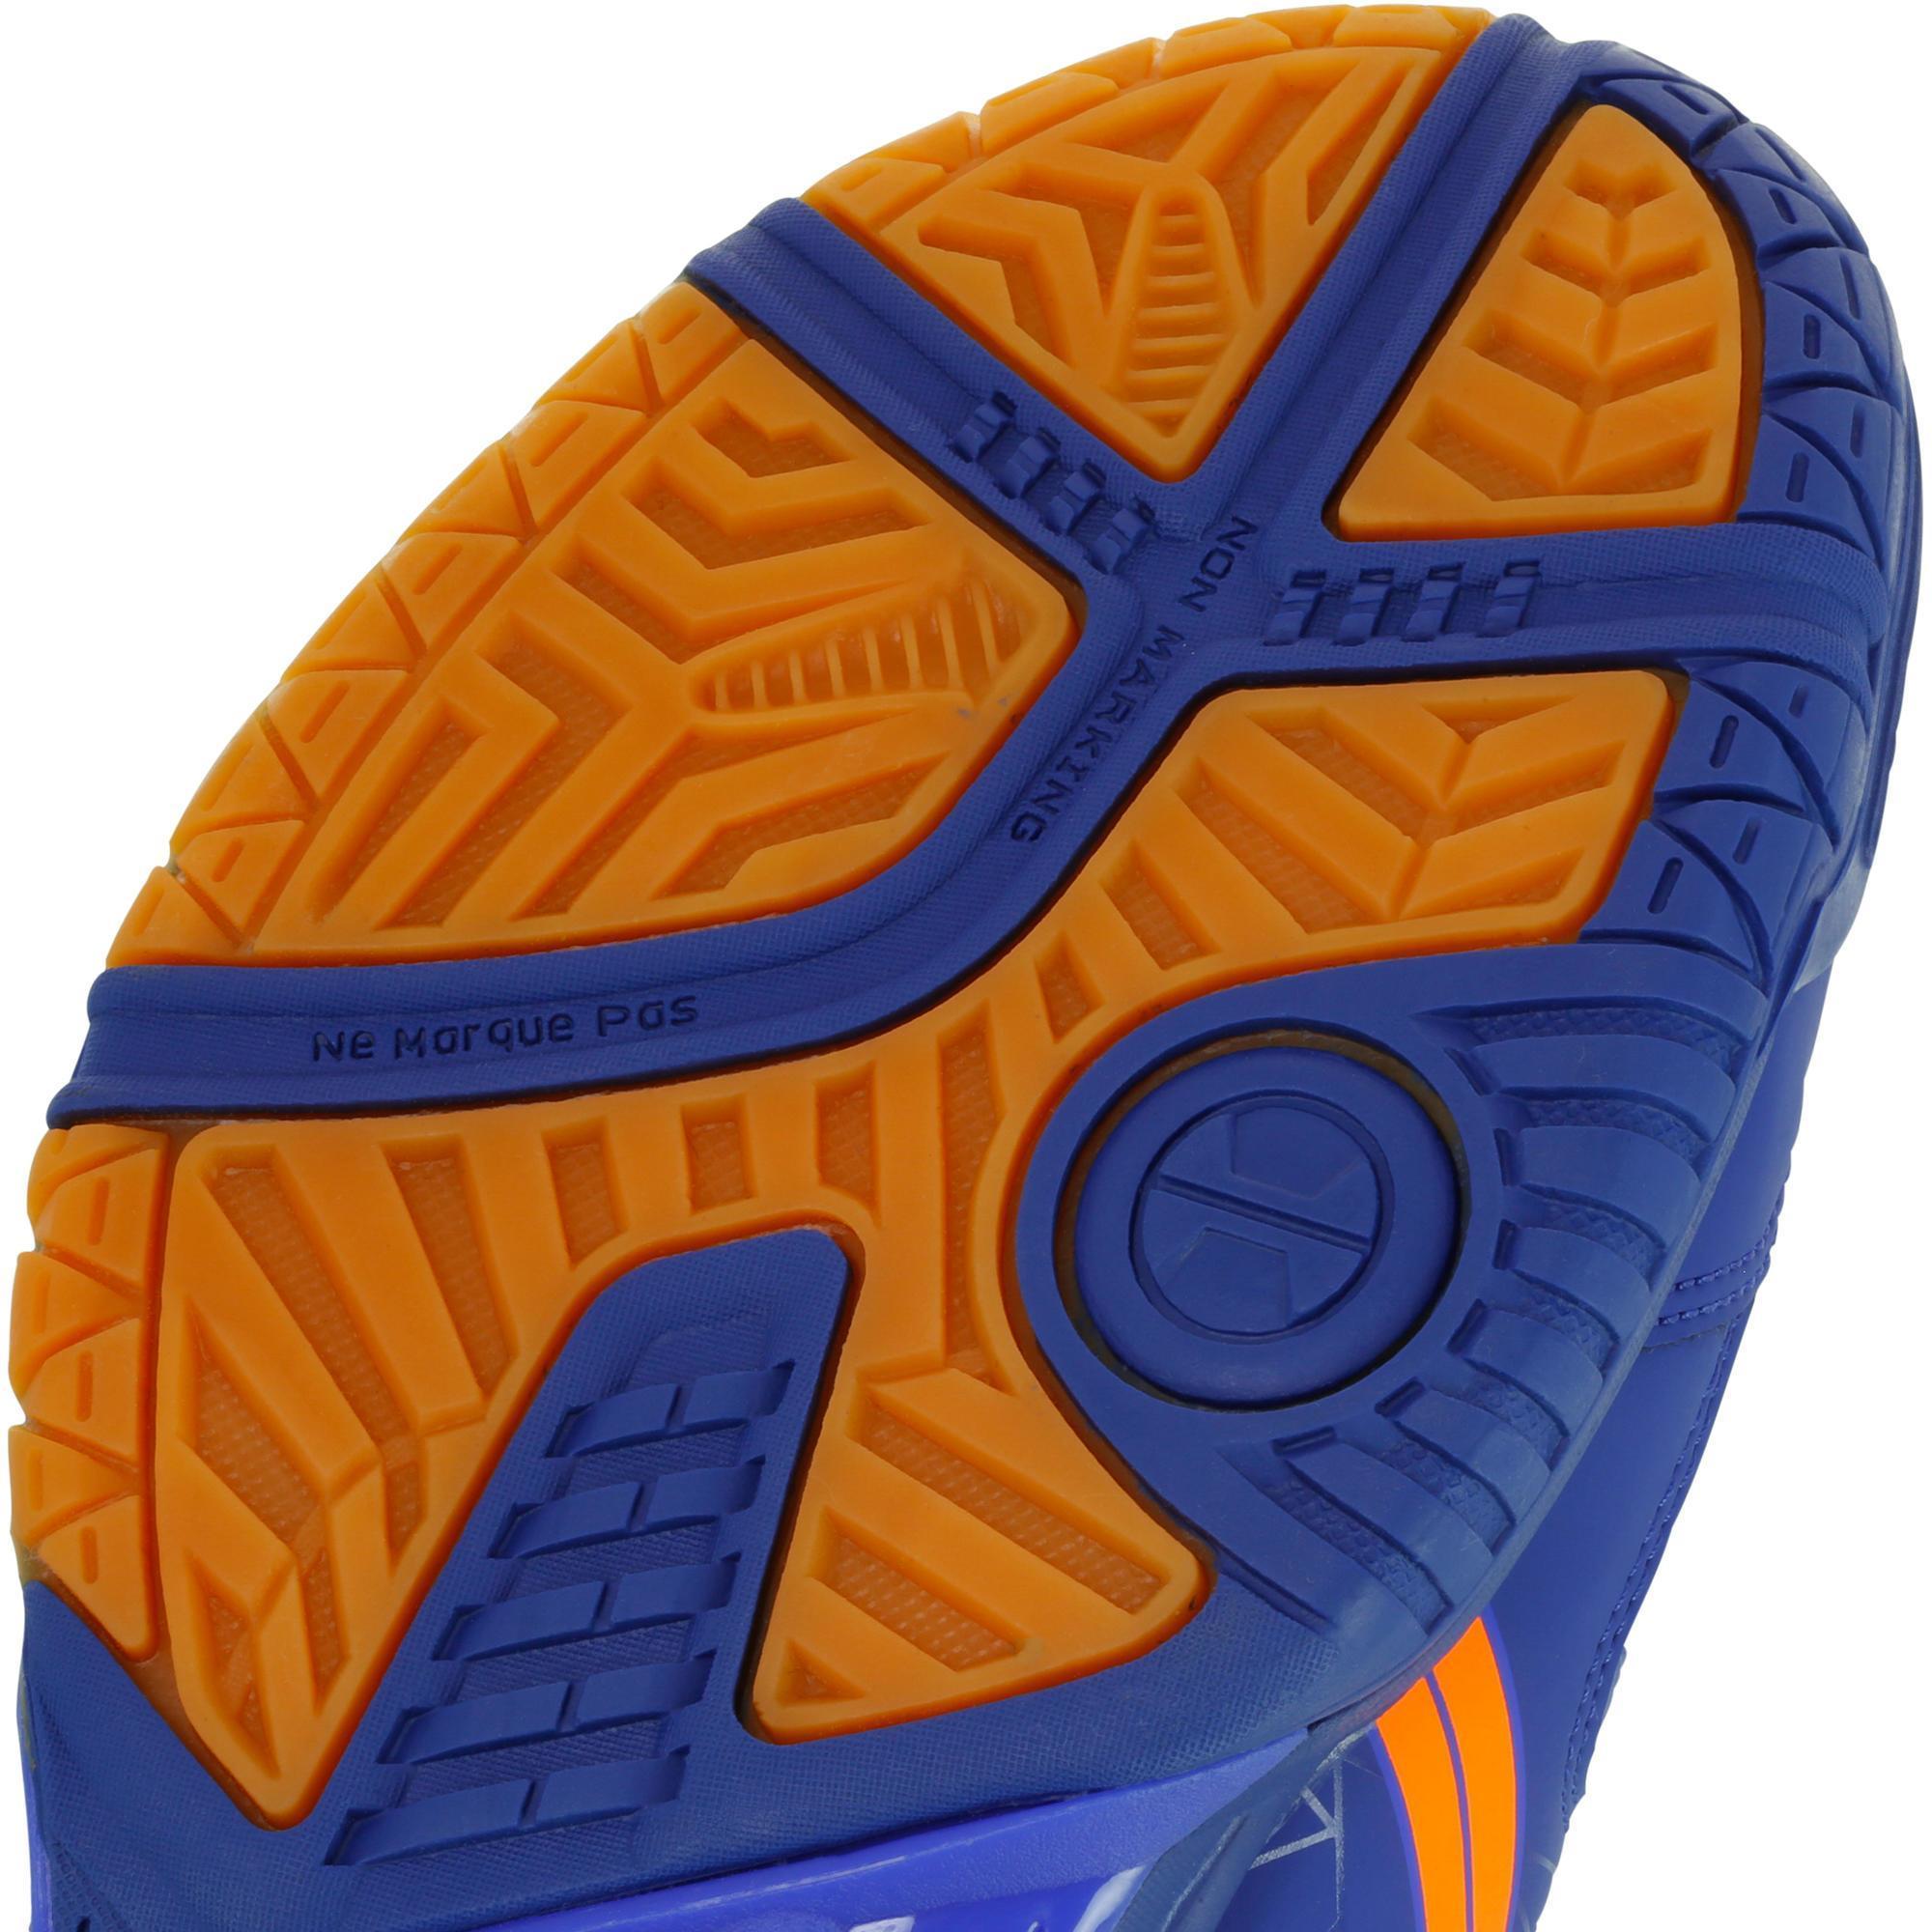 factory authentic 608d9 80ecc Chaussures Asics Bleu Squad Orange Et Handball De Adulte Gel Safadw.